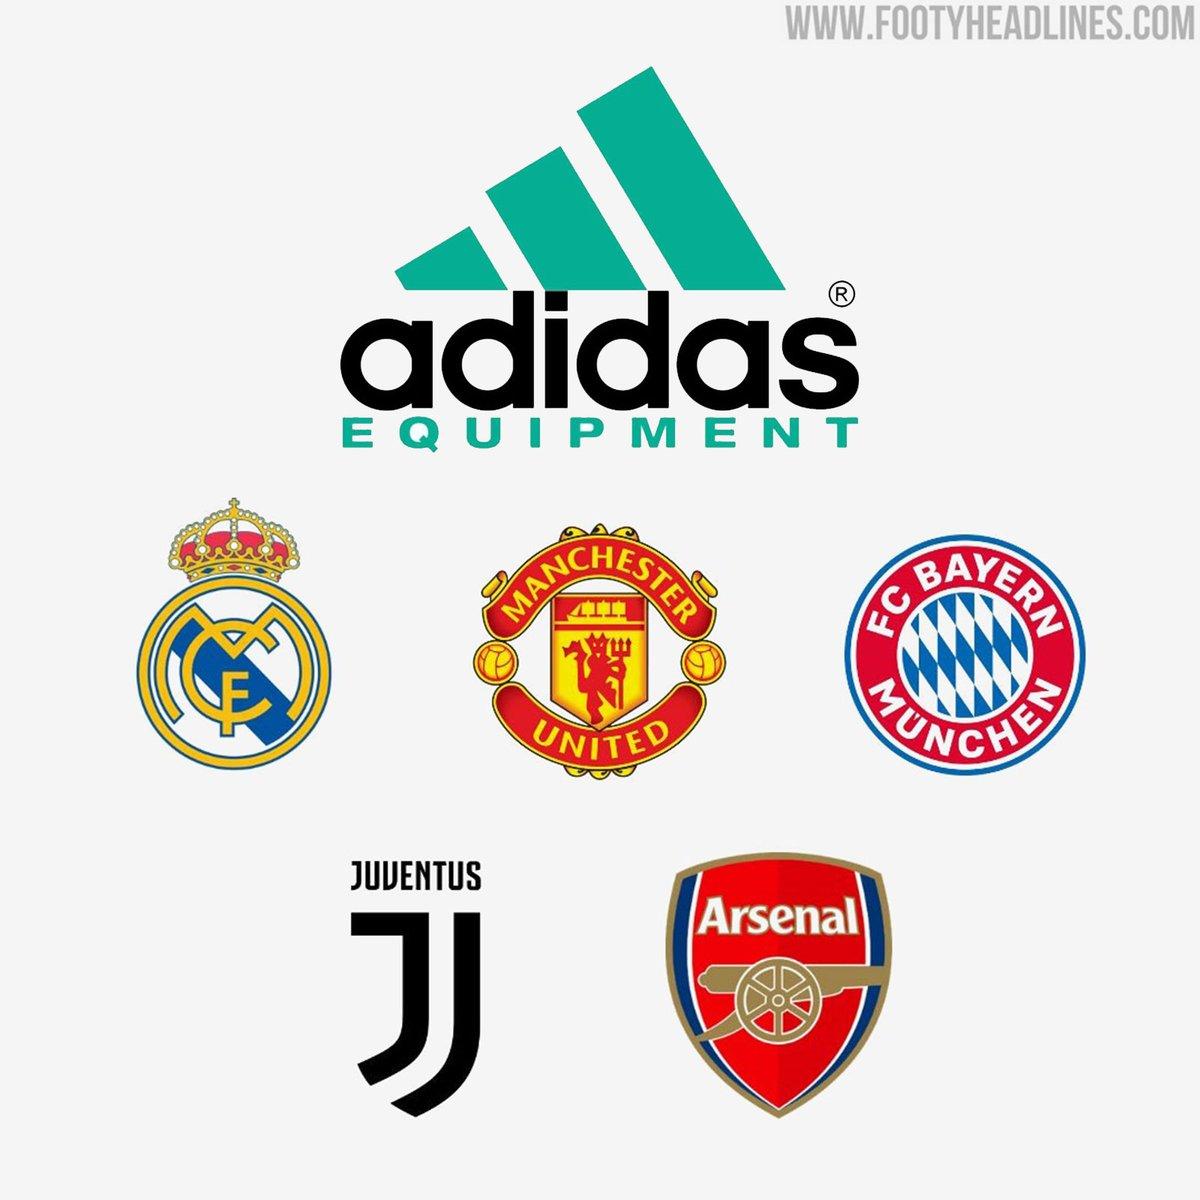 As terceiras camisas da Adidas 2021-22, que celebrarão os anos 1990, serão únicas. As camisetas terão um logotipo em dois tons da Adidas, inspirado na linha Adidas Equipment da década de 1990, e terão um design inspirado nas camisetas dos anos 90. [@Footy_Headlines]  #MUFC